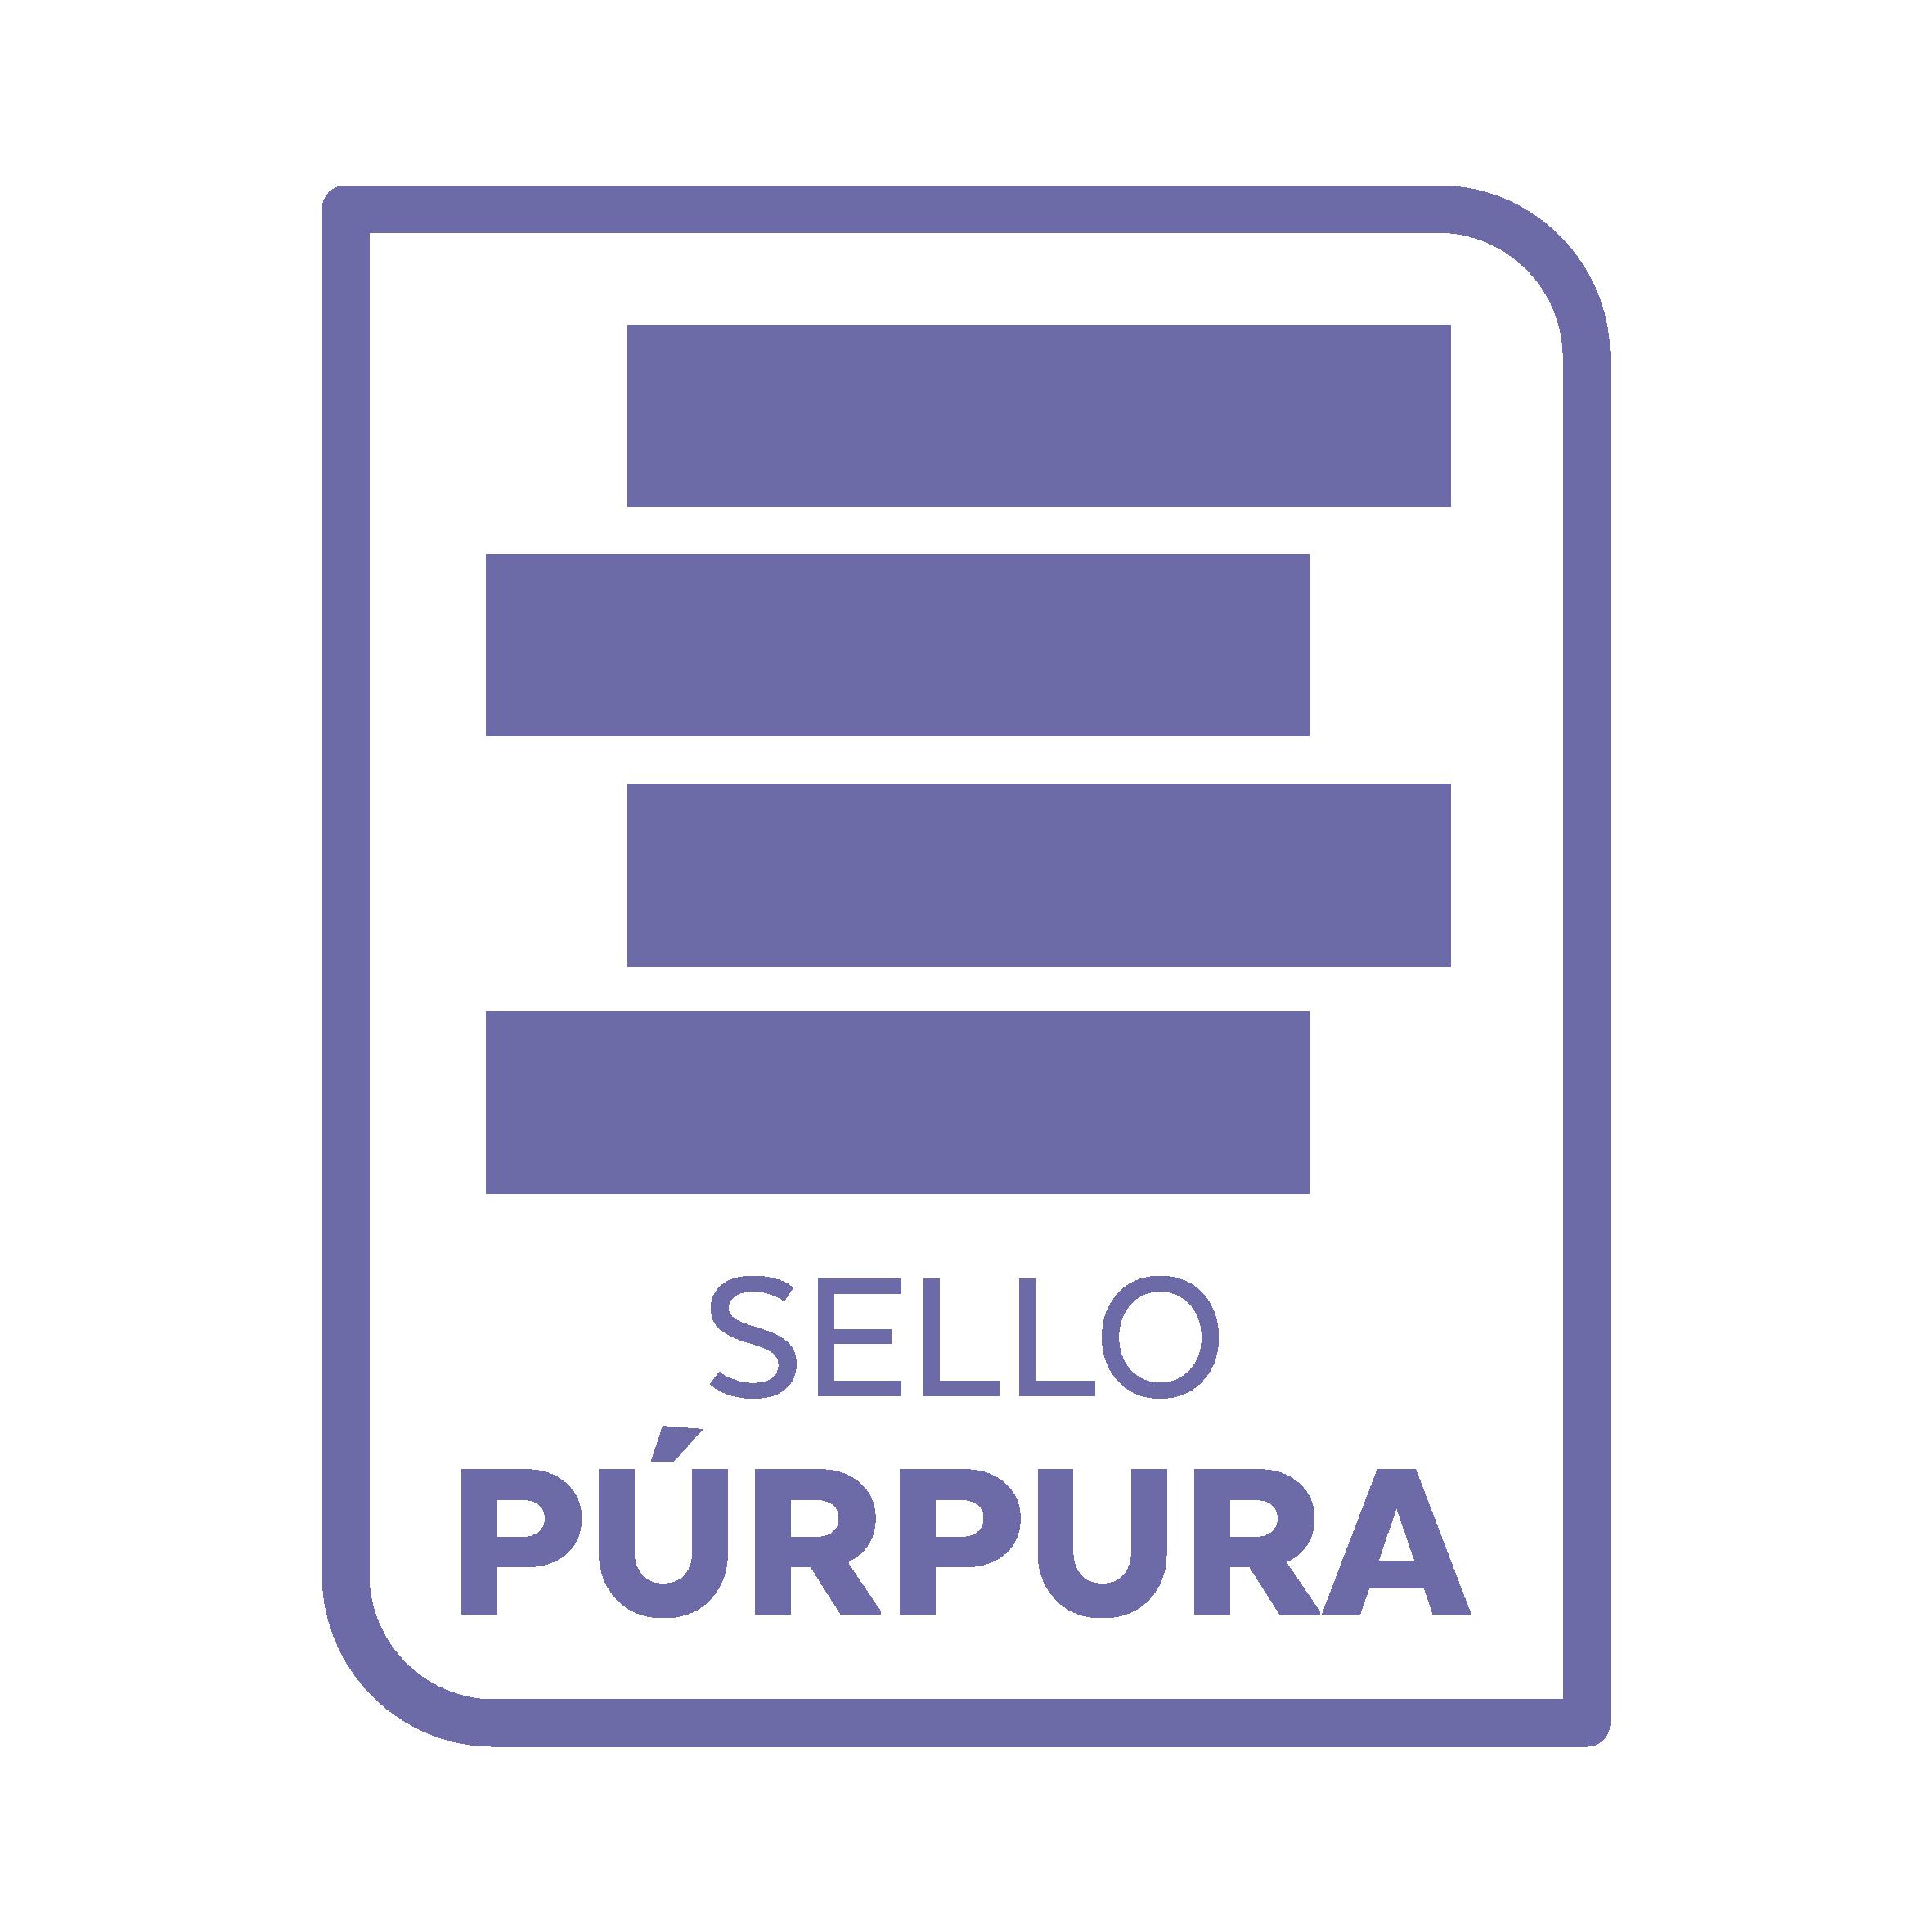 Sello Púrpura